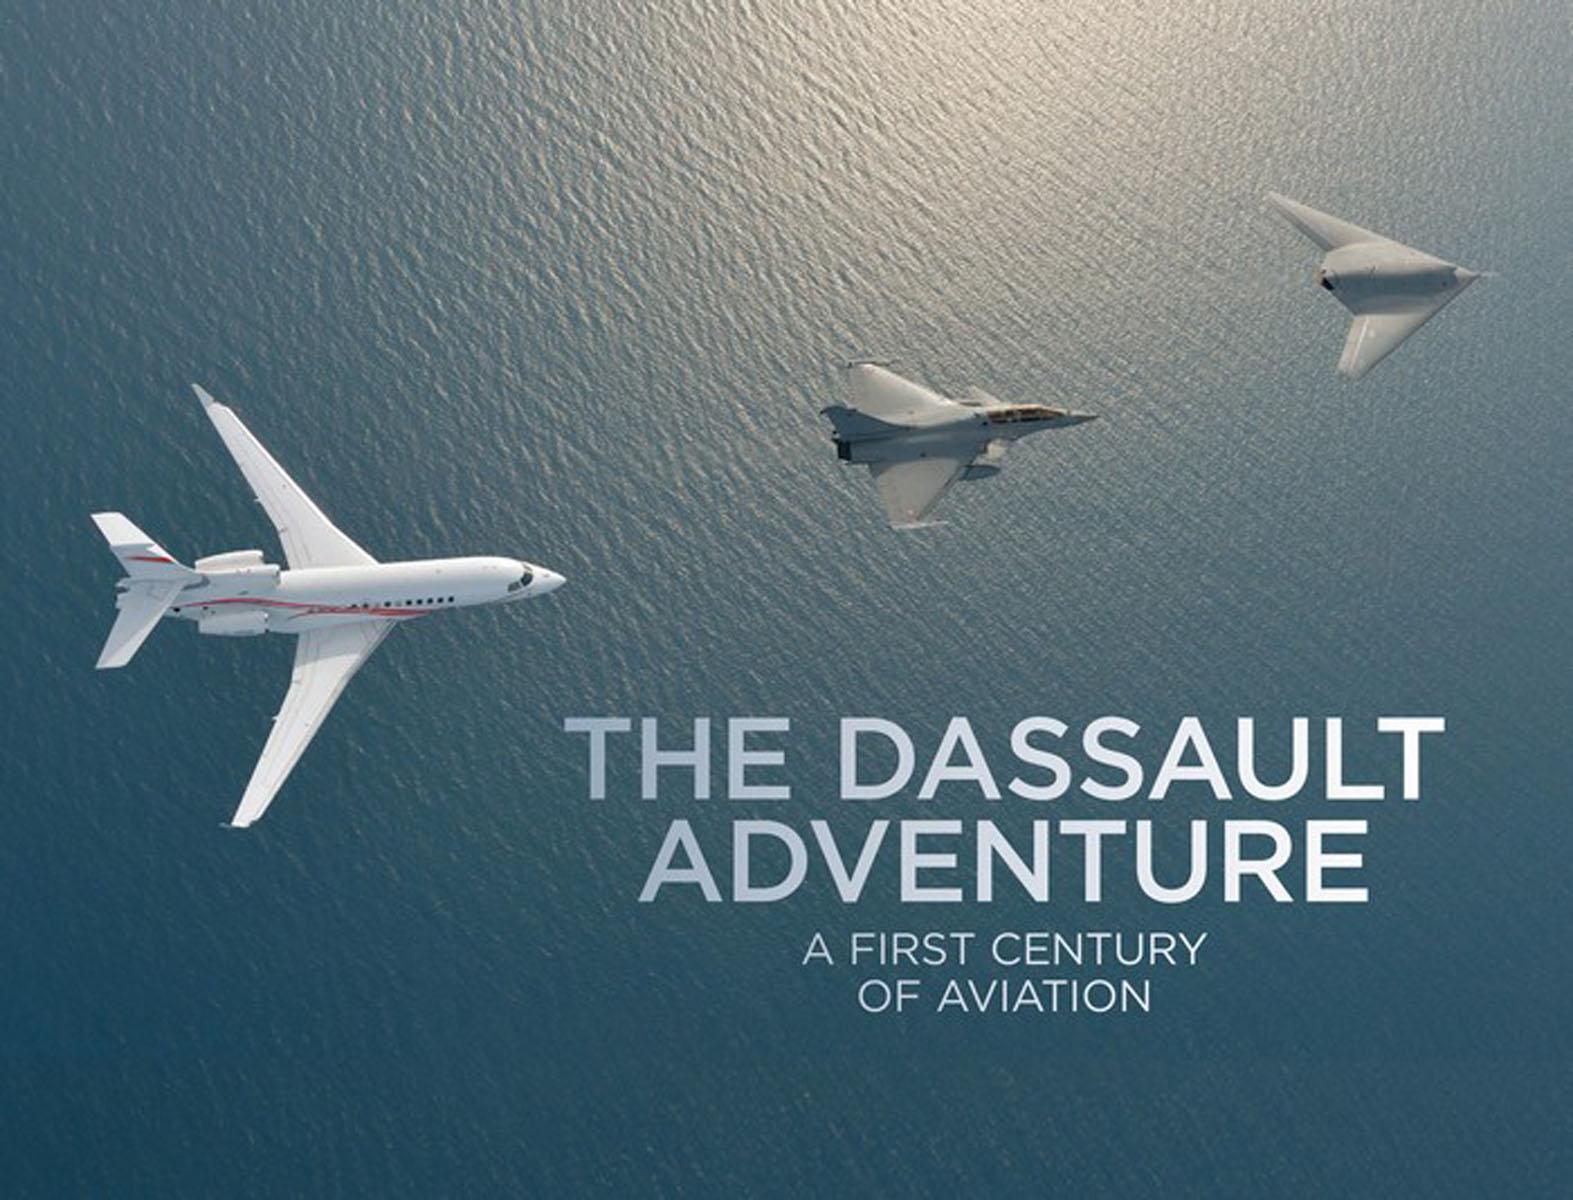 The Dassault Adventure самолеты и вертолеты revell набор со сборной моделью истребитель dassault rafale m